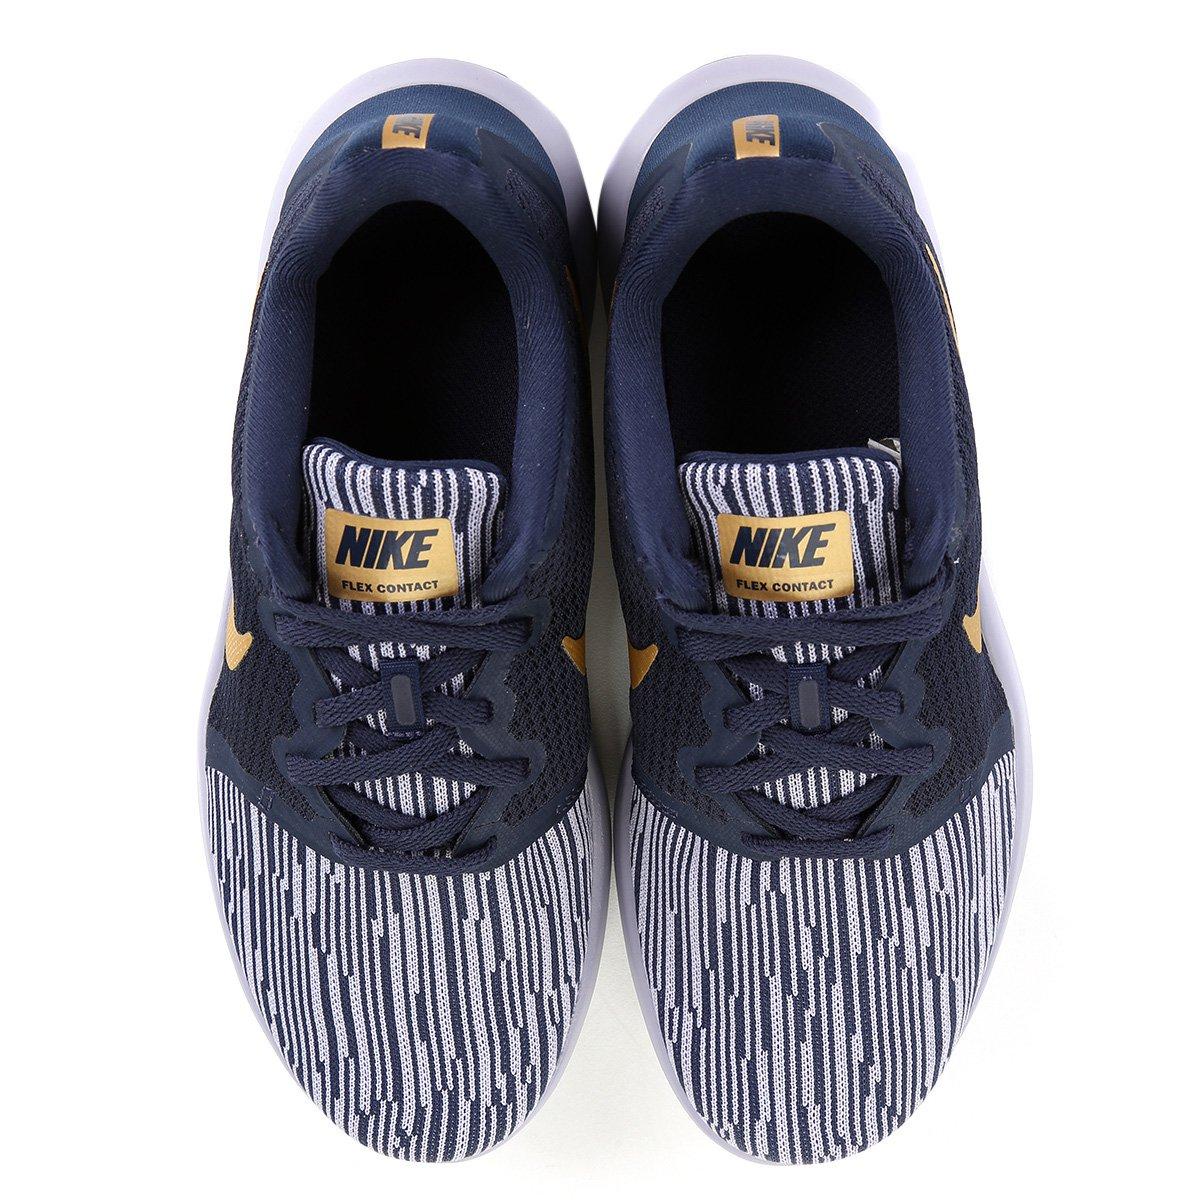 Tênis Nike Flex Contact 2 Feminino - Preto e Dourado - Compre Agora ... b1903c7cecb38